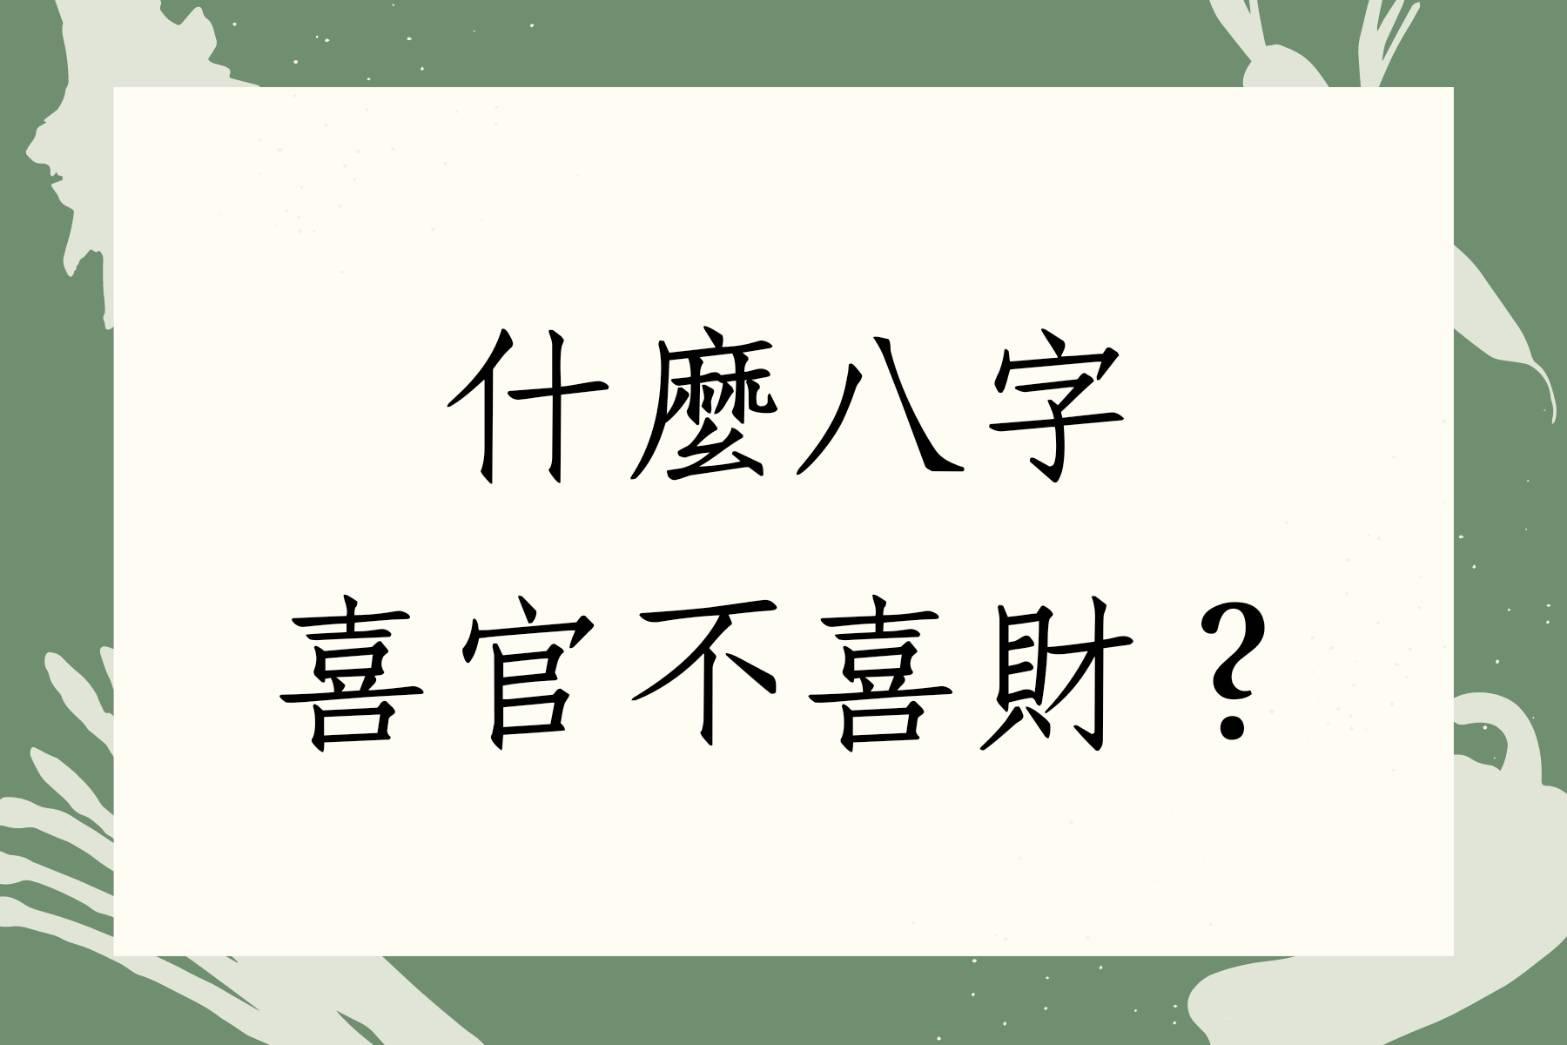 《蔡添逸八字實例1468堂》什麼八字喜歡不喜財?(北京)